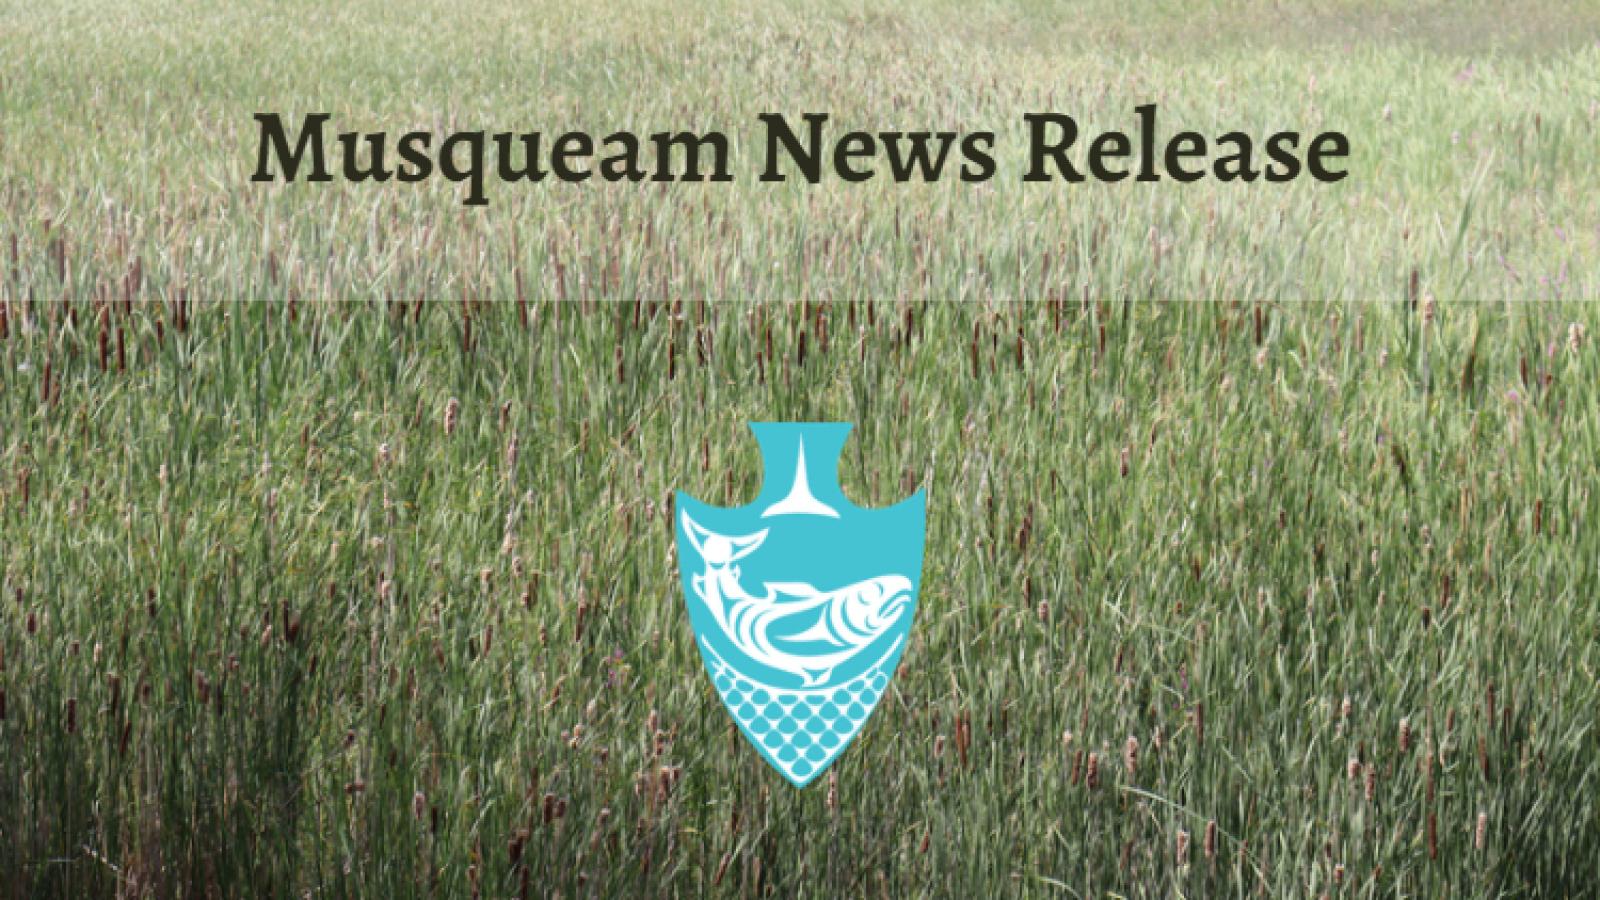 Musqueam News Release